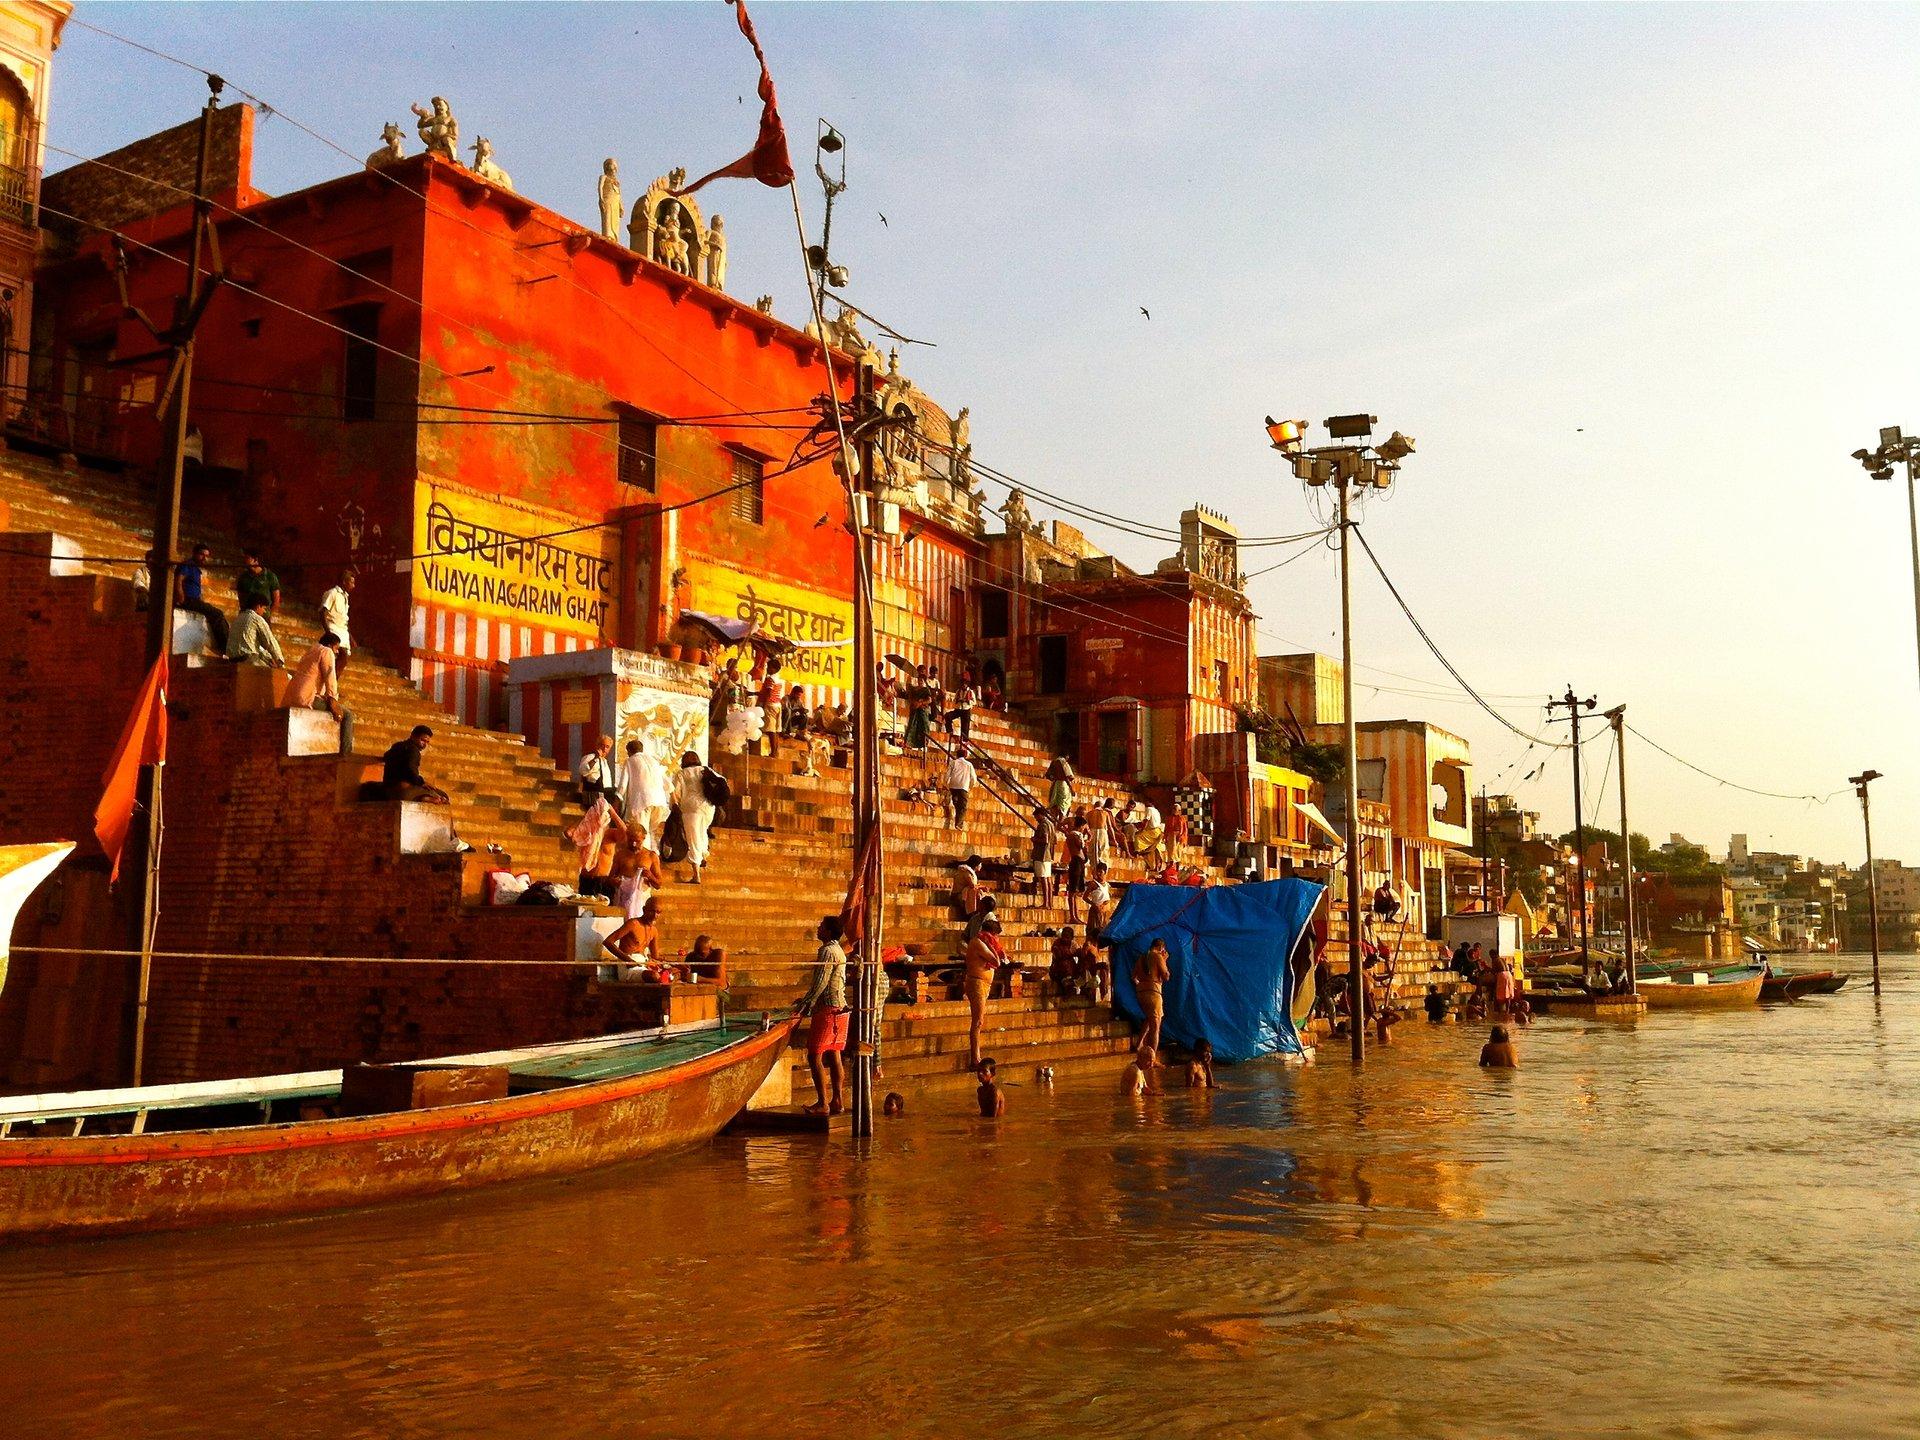 インドのバラナシでバックパック!おすすめスポット&宿やガンジス川の楽しみ方をご紹介♪